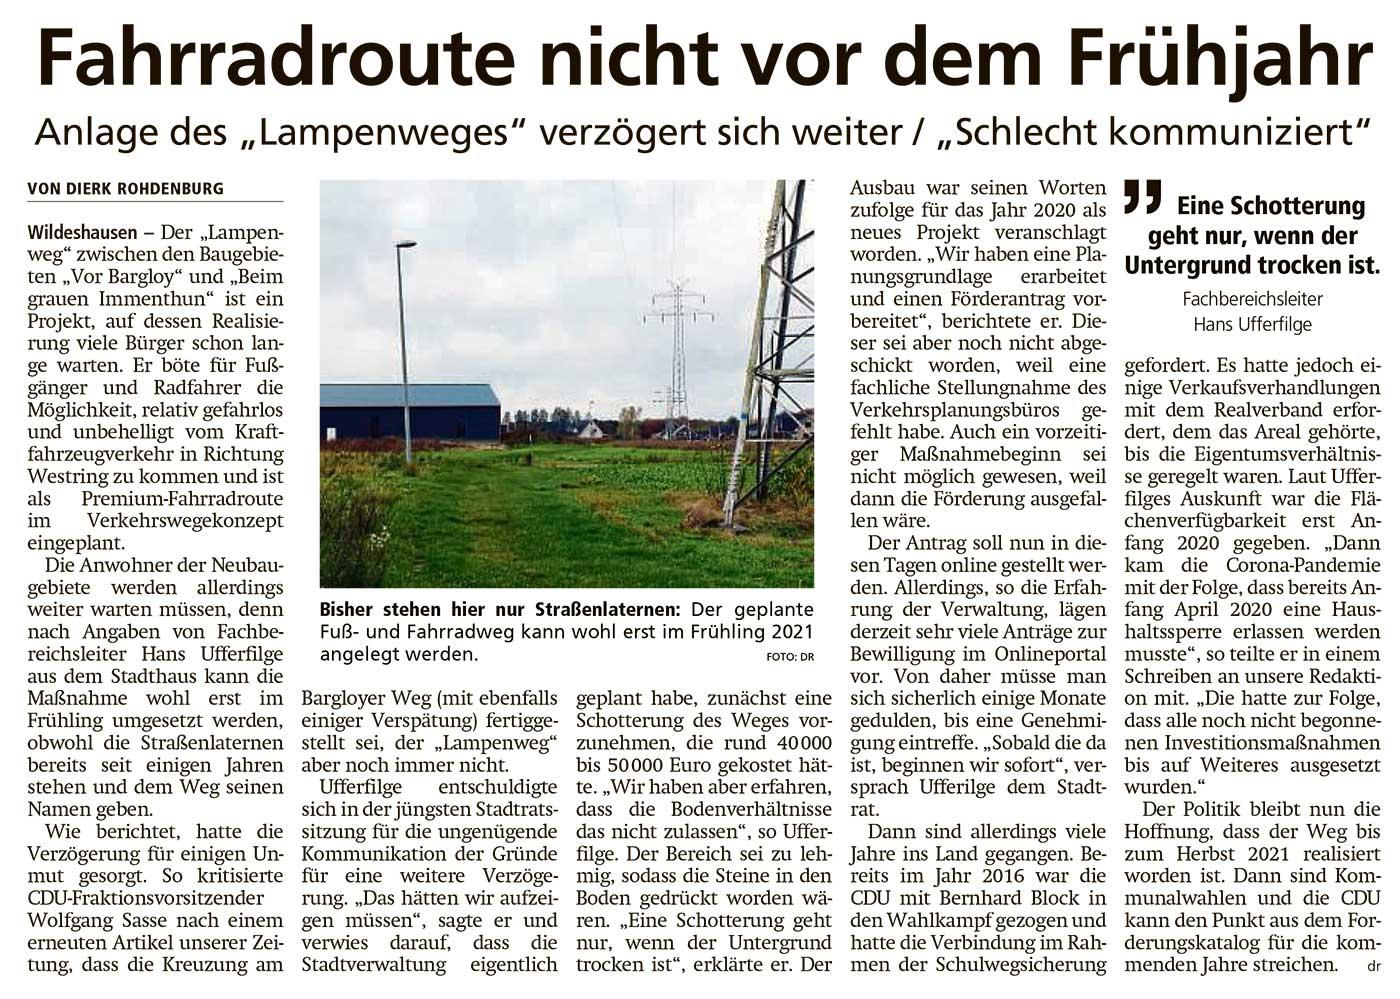 Fahrradroute nicht vor dem FrühjahrAnlage des 'Lampenweges' verzögert sich weiter / 'Schlecht kommuniziert'Artikel vom 06.11.2020 (WZ)